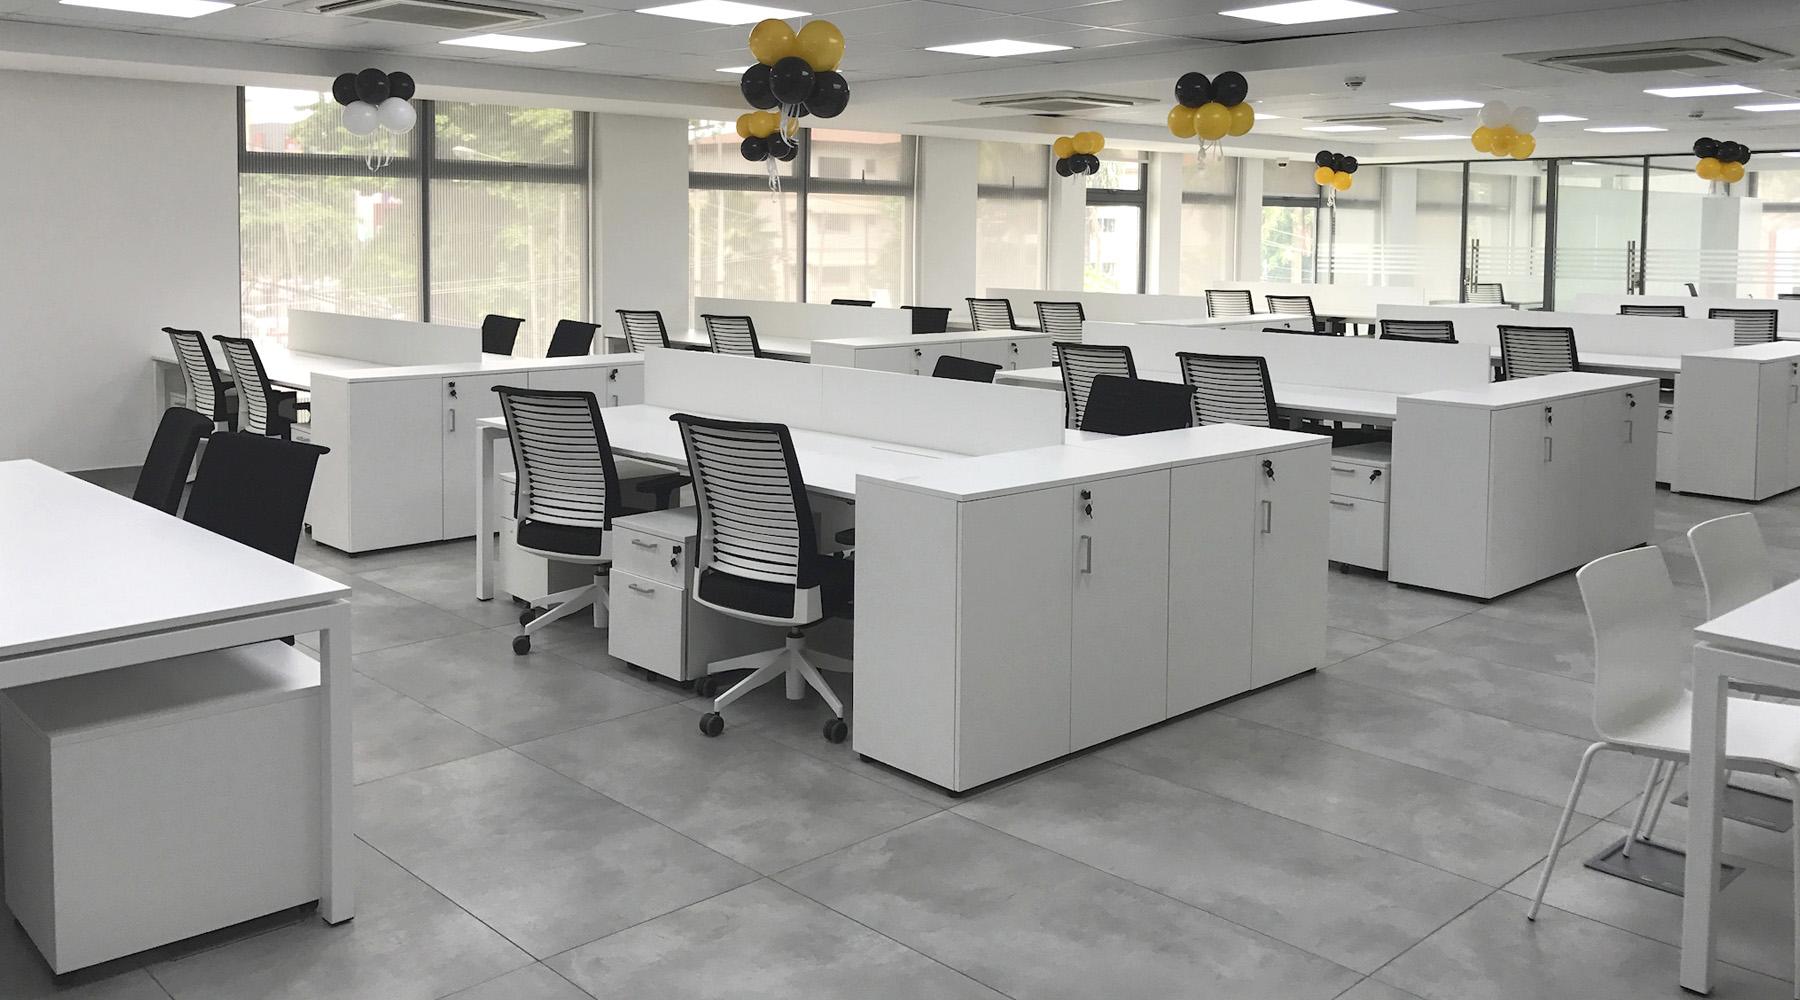 suelosytechos contract galeria4 - suelos y techos tecnicos